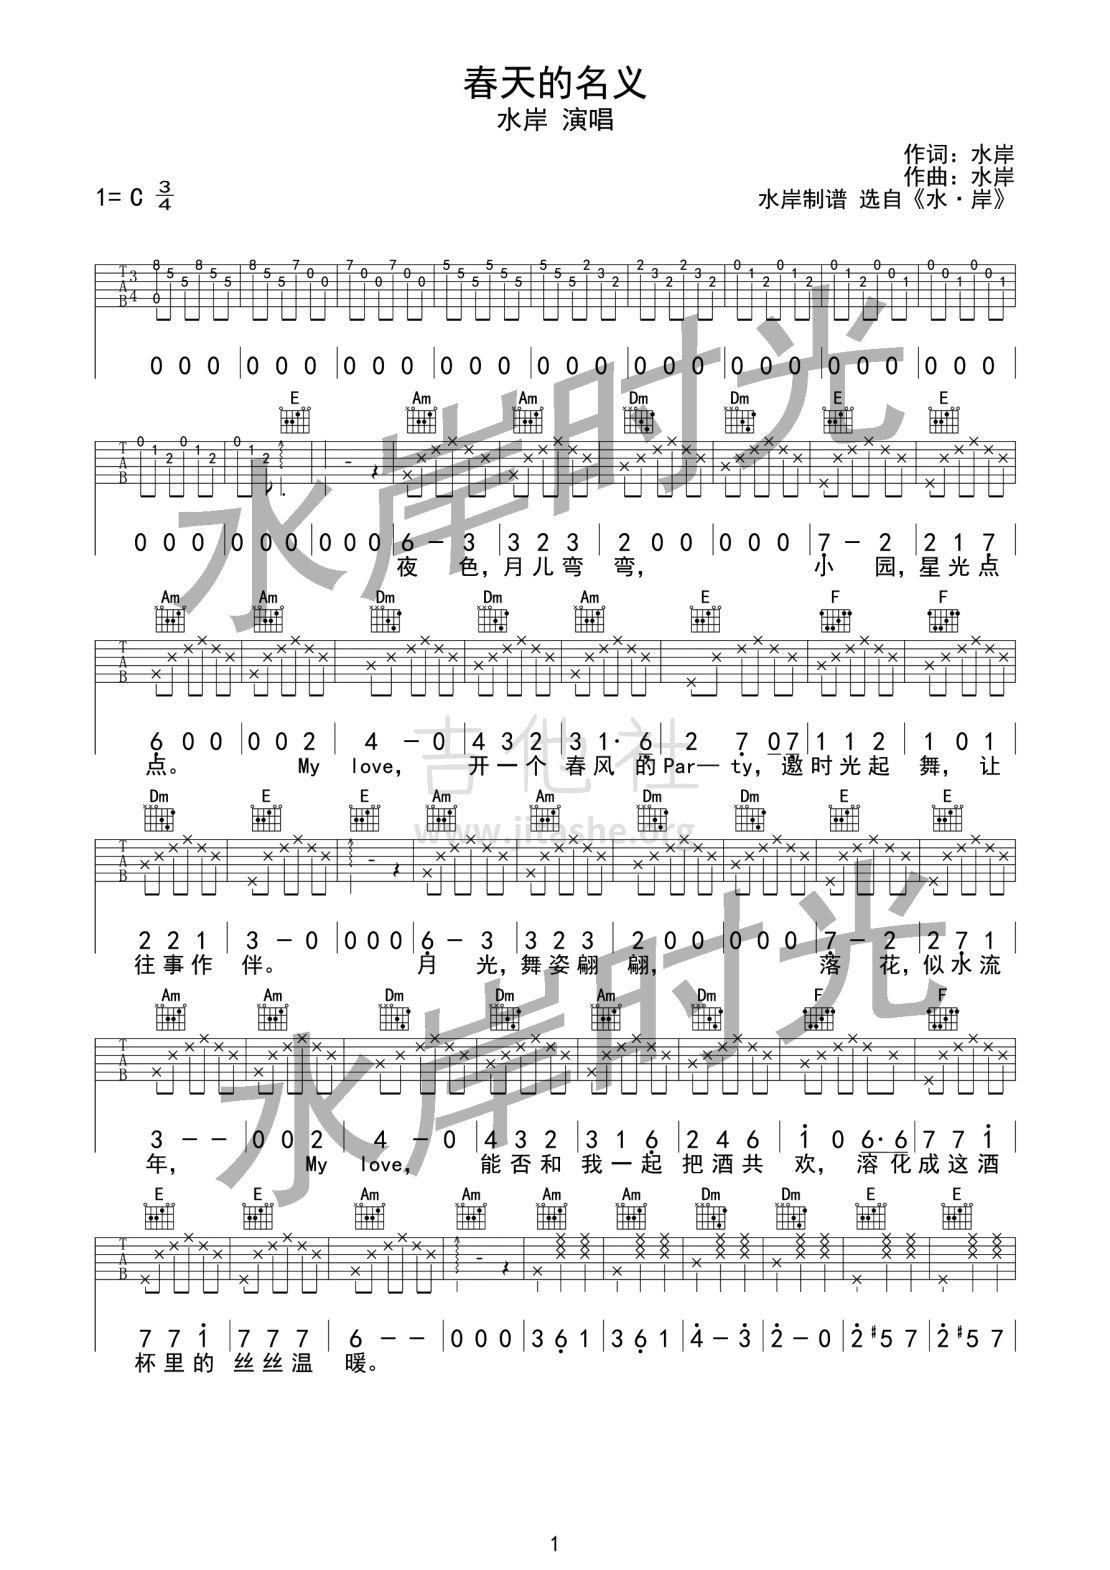 春天的名义吉他谱(图片谱,原版,简单版,木吉他)_水岸_春天的名义01.jpg